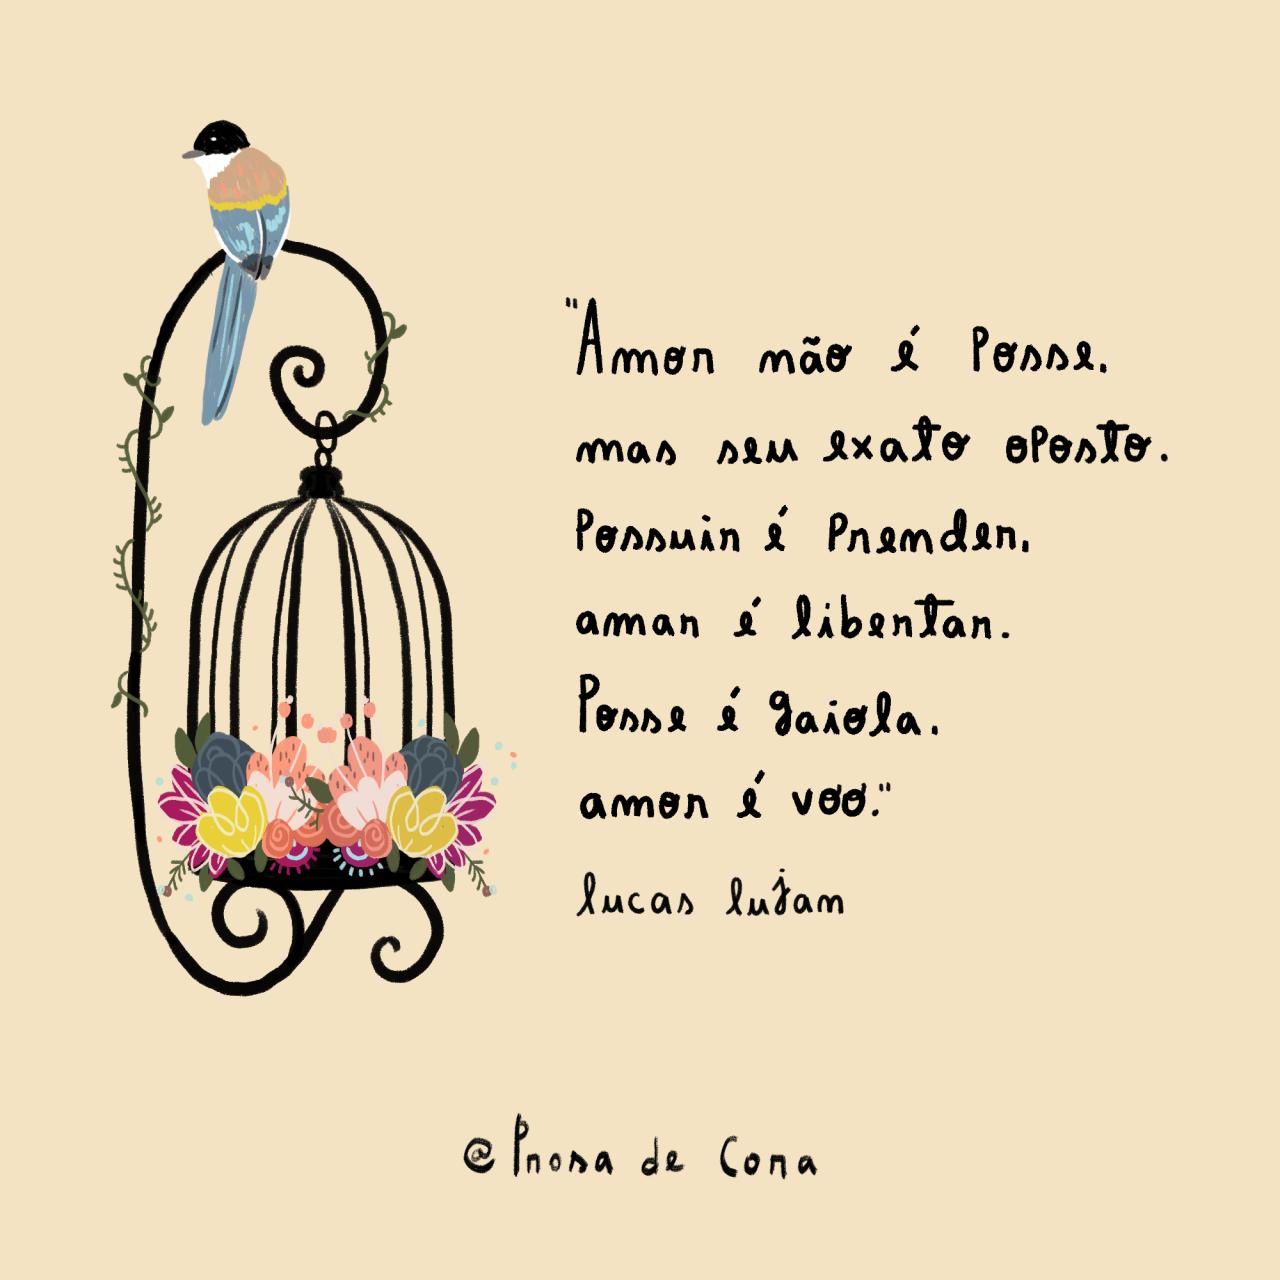 Posse é Gaiola Amor é Voo Lucas Lujan Fotos Quotes Wisdom